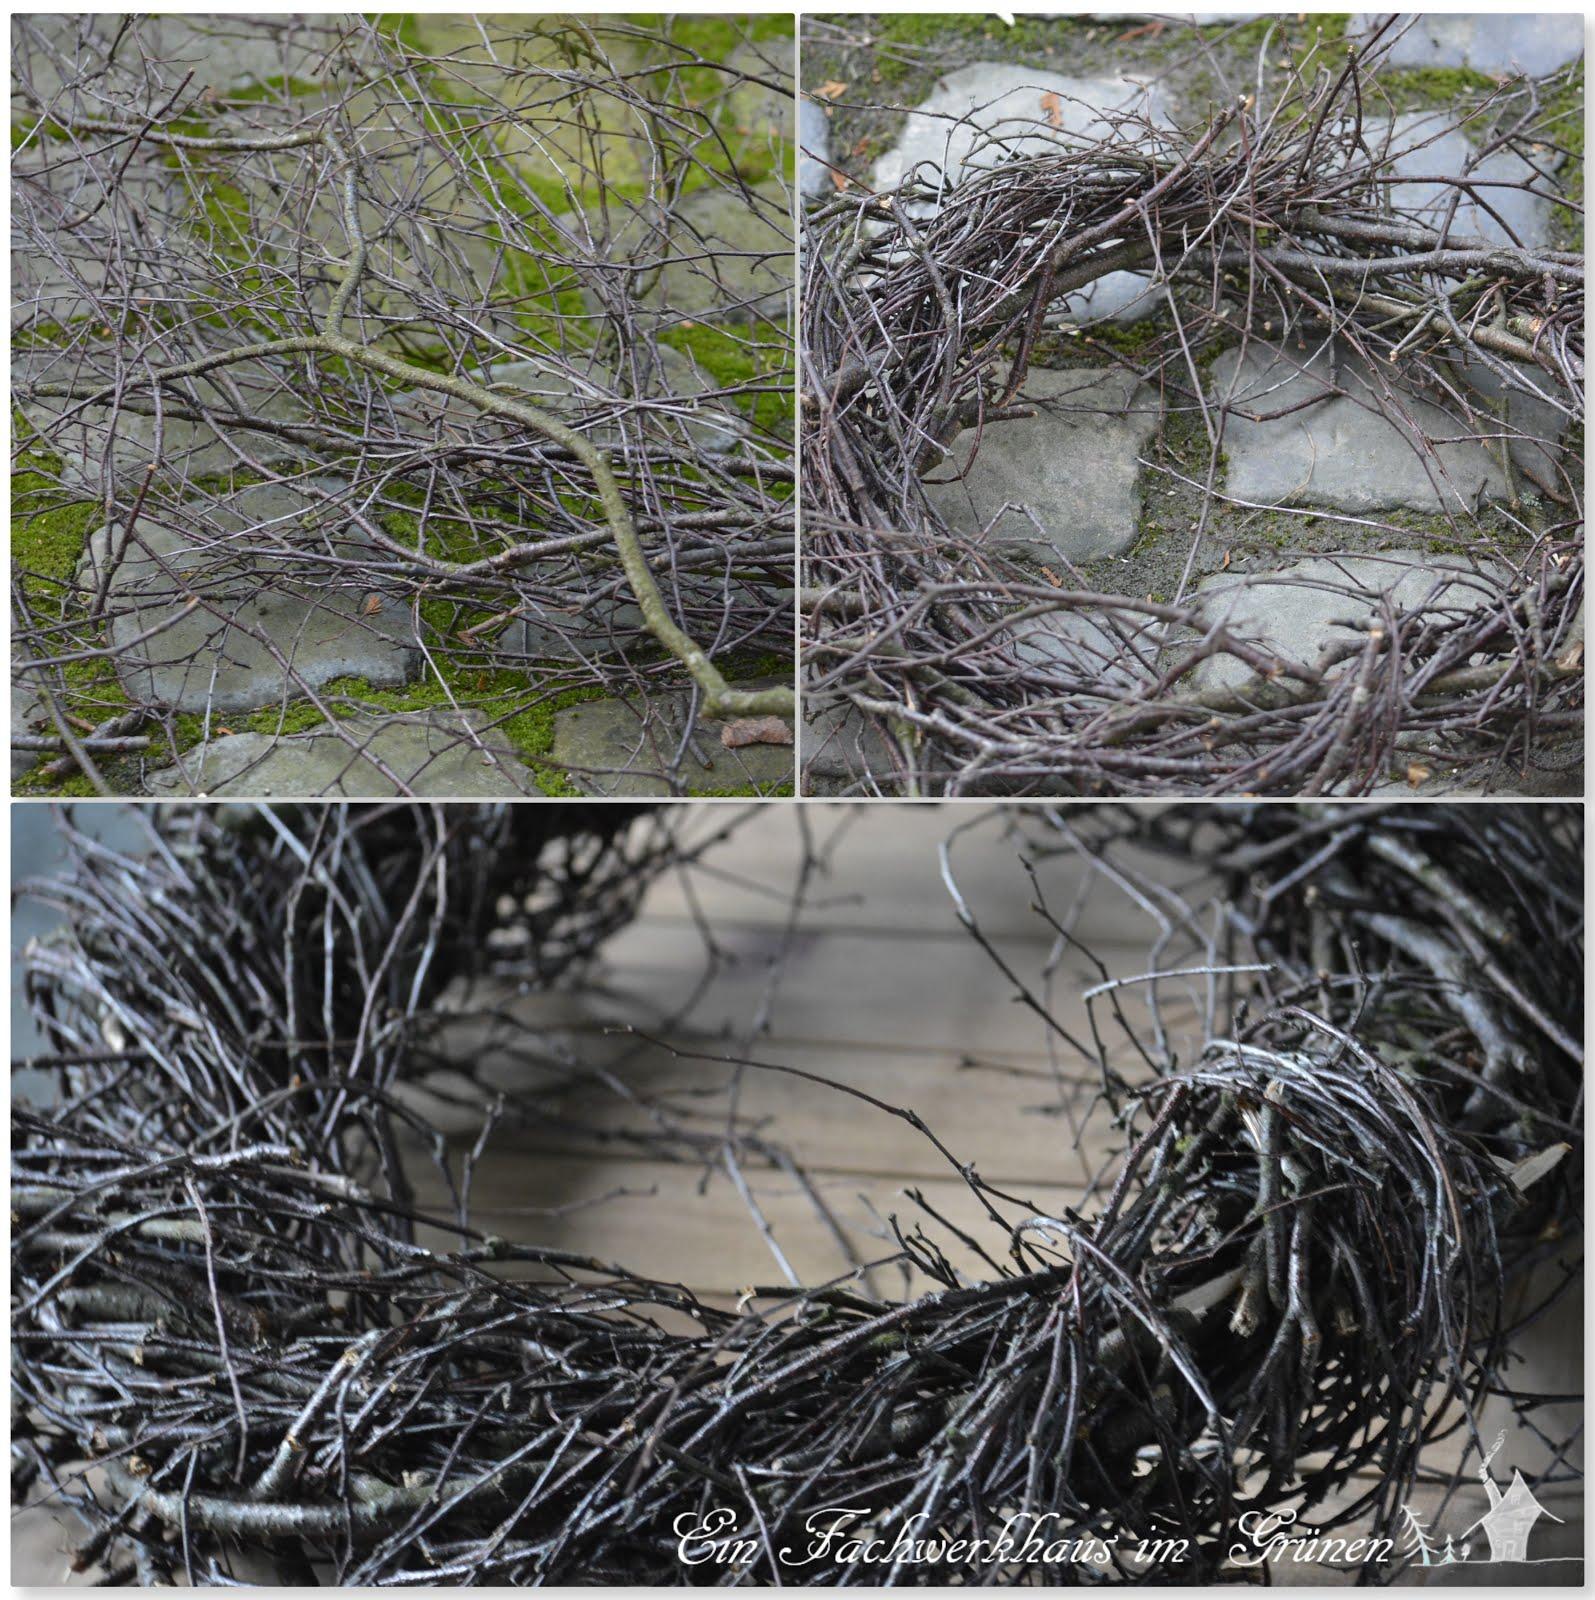 Birkenzweige, Basteln mit Naturmaterialien, Kranz